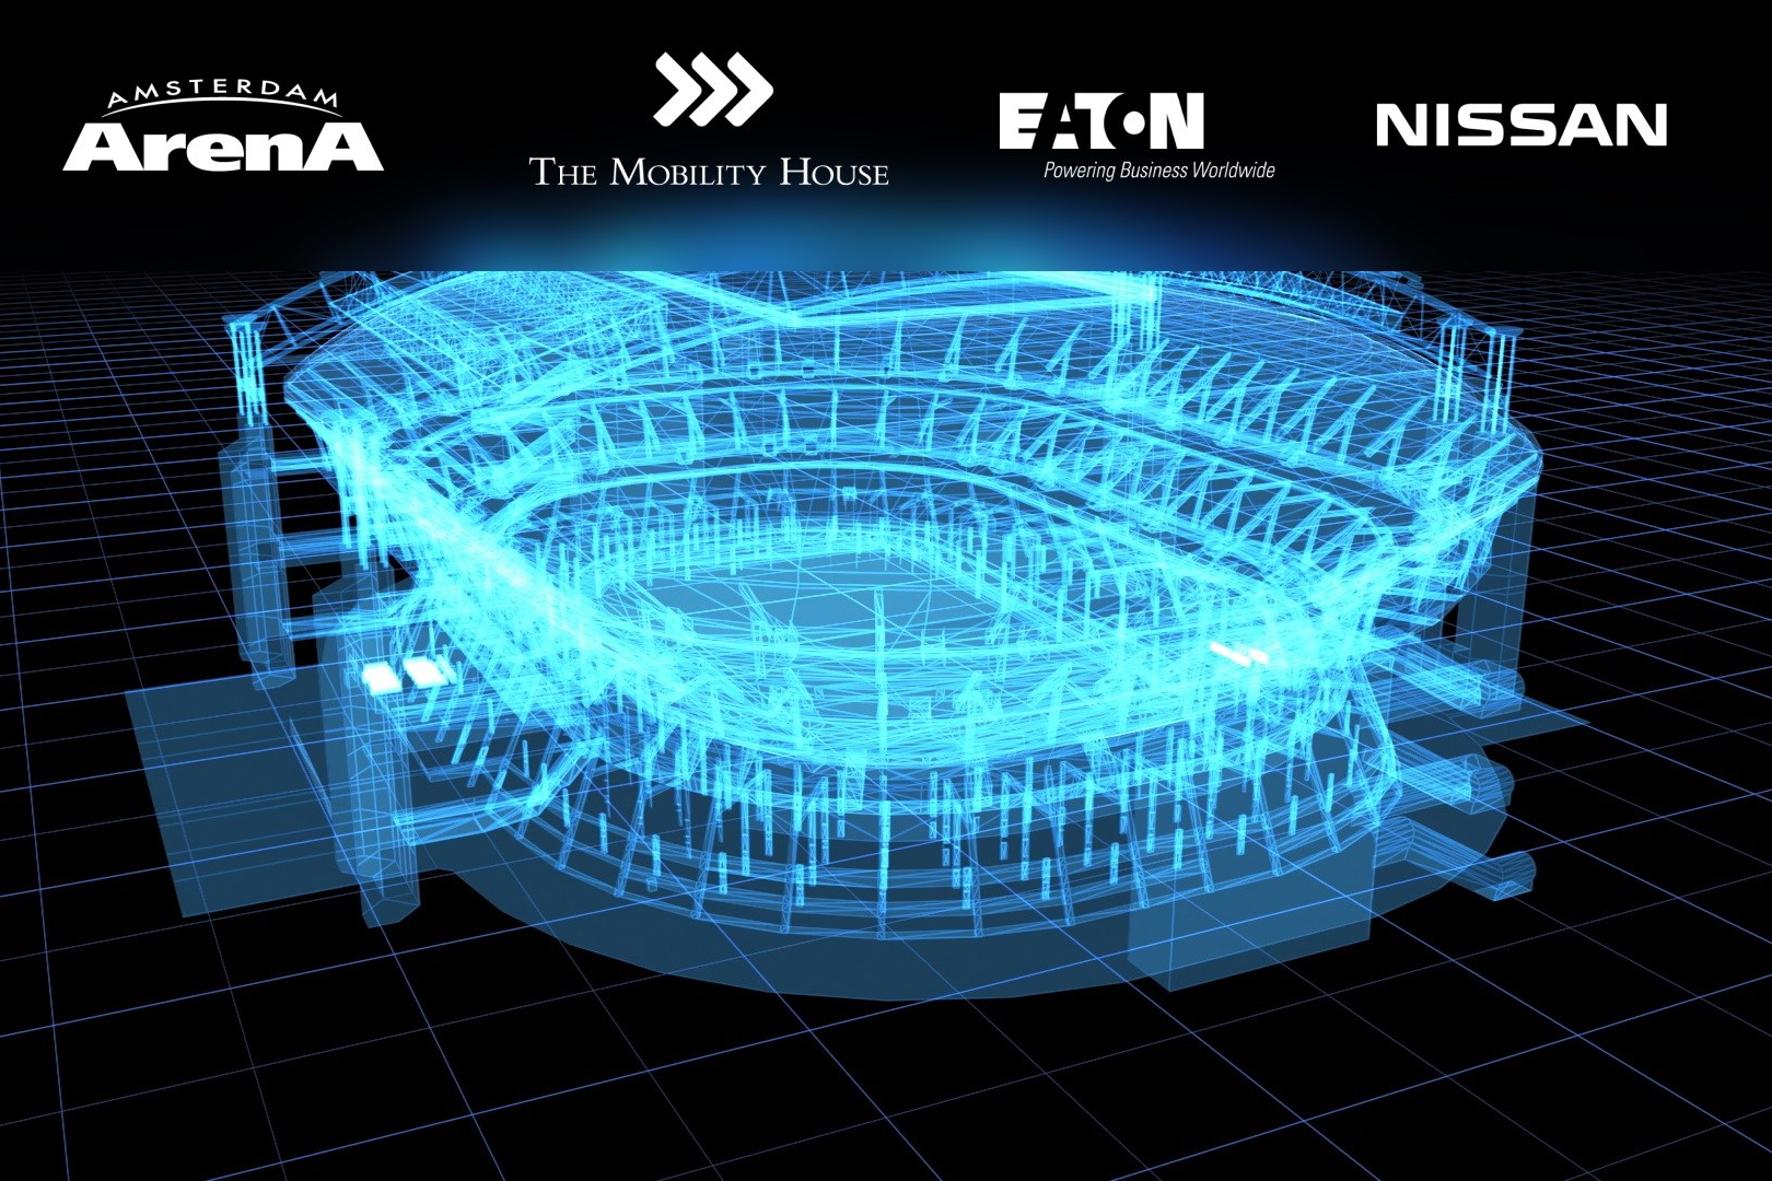 mid Barcelona - Es werde Licht: Die Amsterdam-Arena erstrahlt mithilfe von Akkus aus Elektroautos.